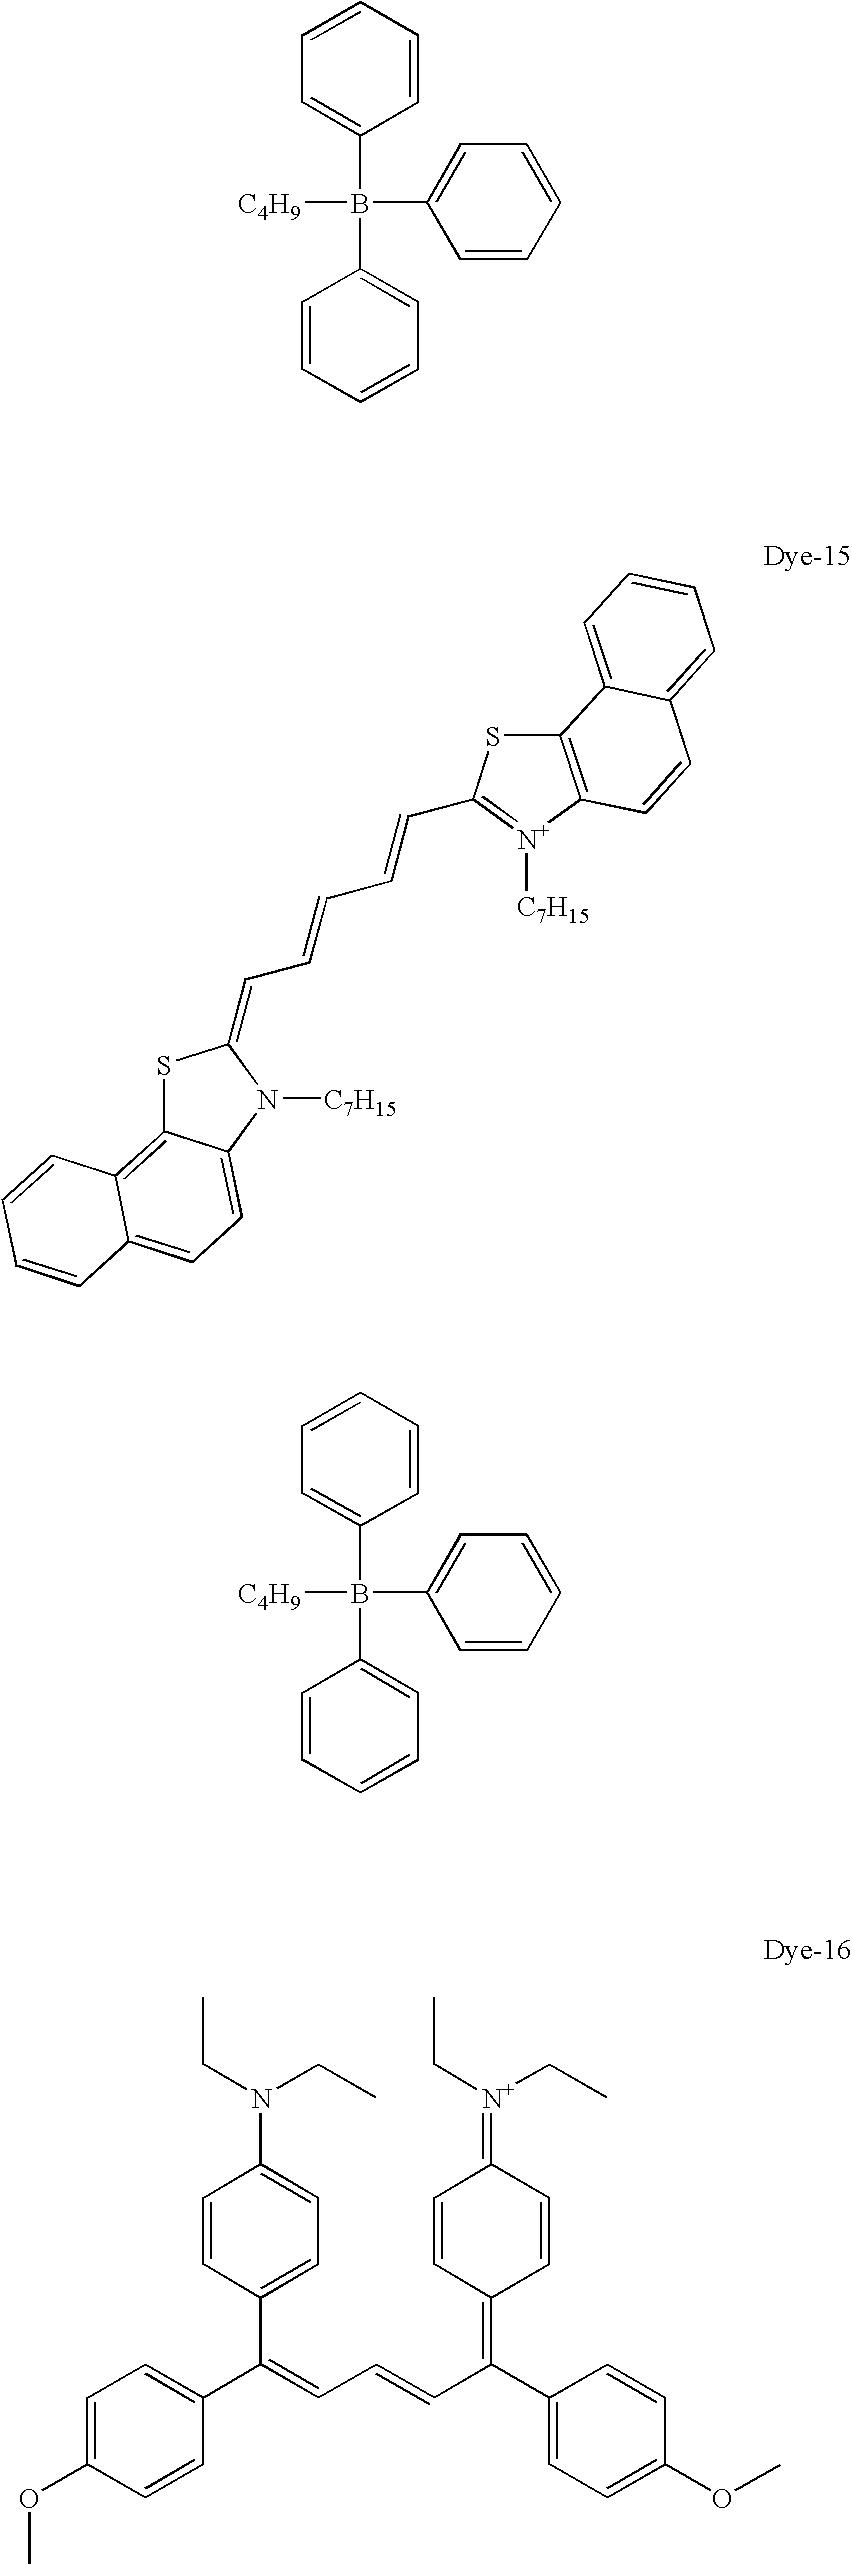 Figure US20050084789A1-20050421-C00006